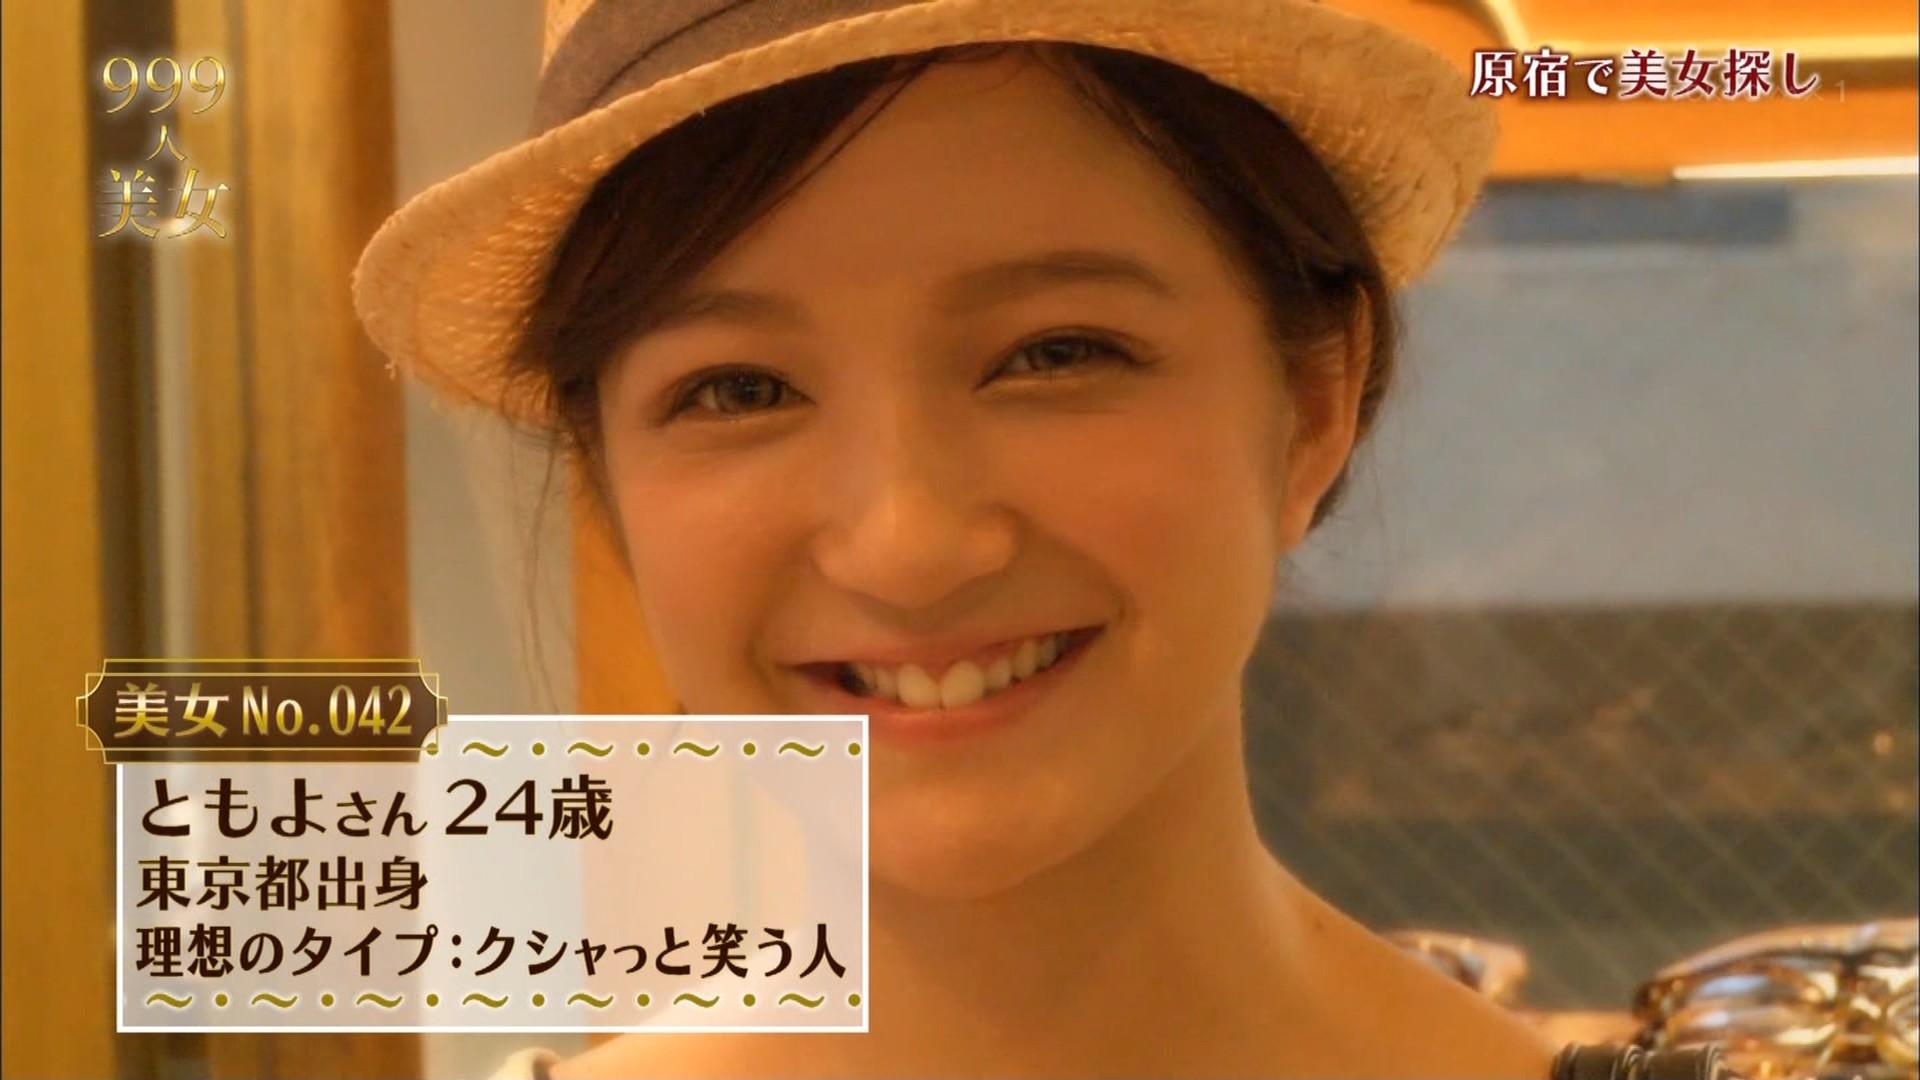 テレビに映った素人の女の子が美少女だったエロ画像 4310